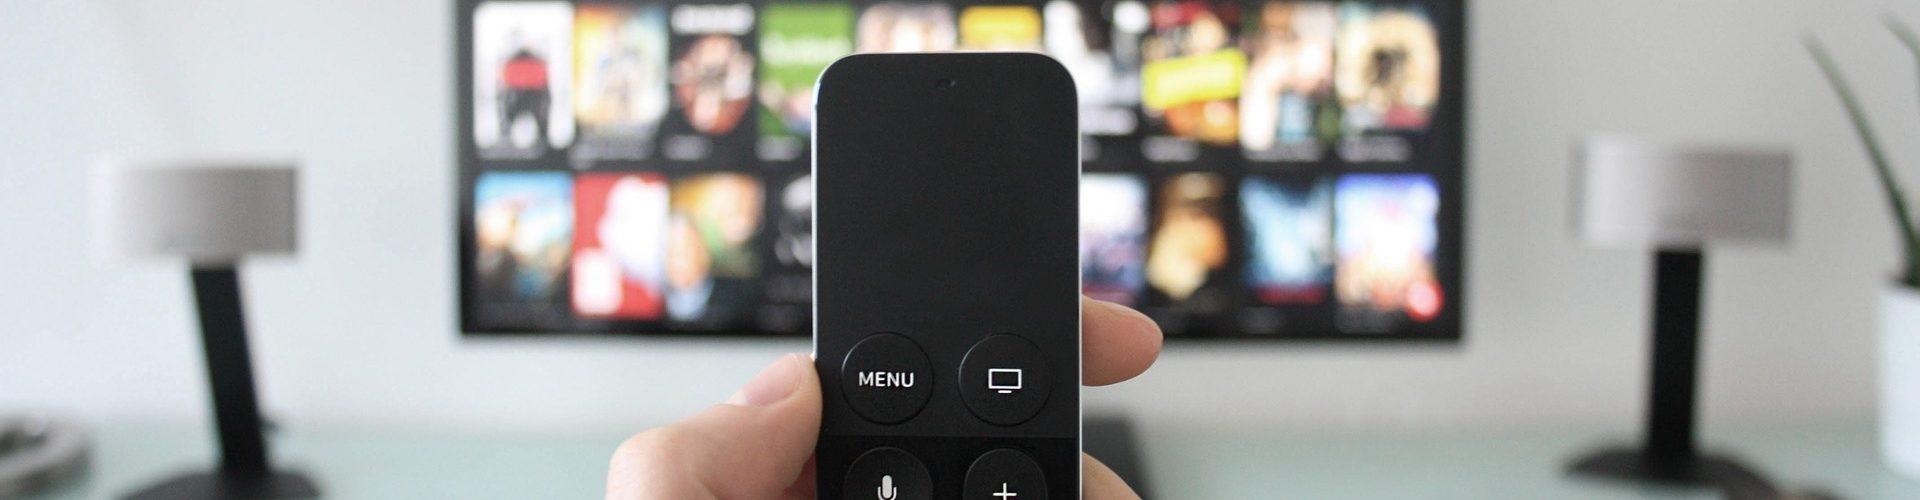 Netflix, Amazon, Youtube e gli altri big devono comprare più made in Europe. Parola dell'Europarlamento